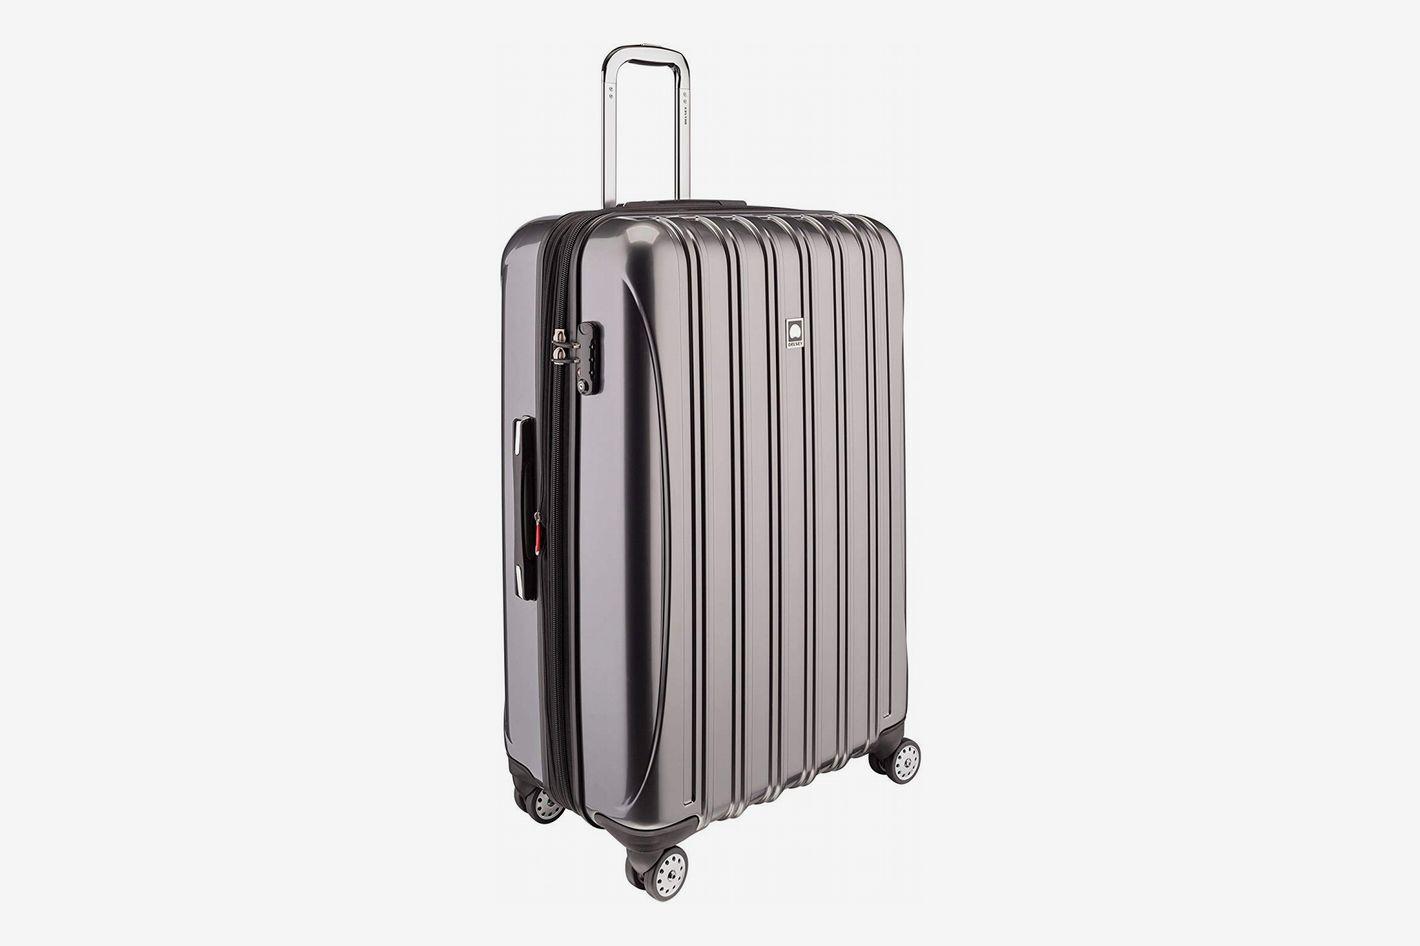 Delsey Paris Luggage Helium Aero Large Checked Luggage